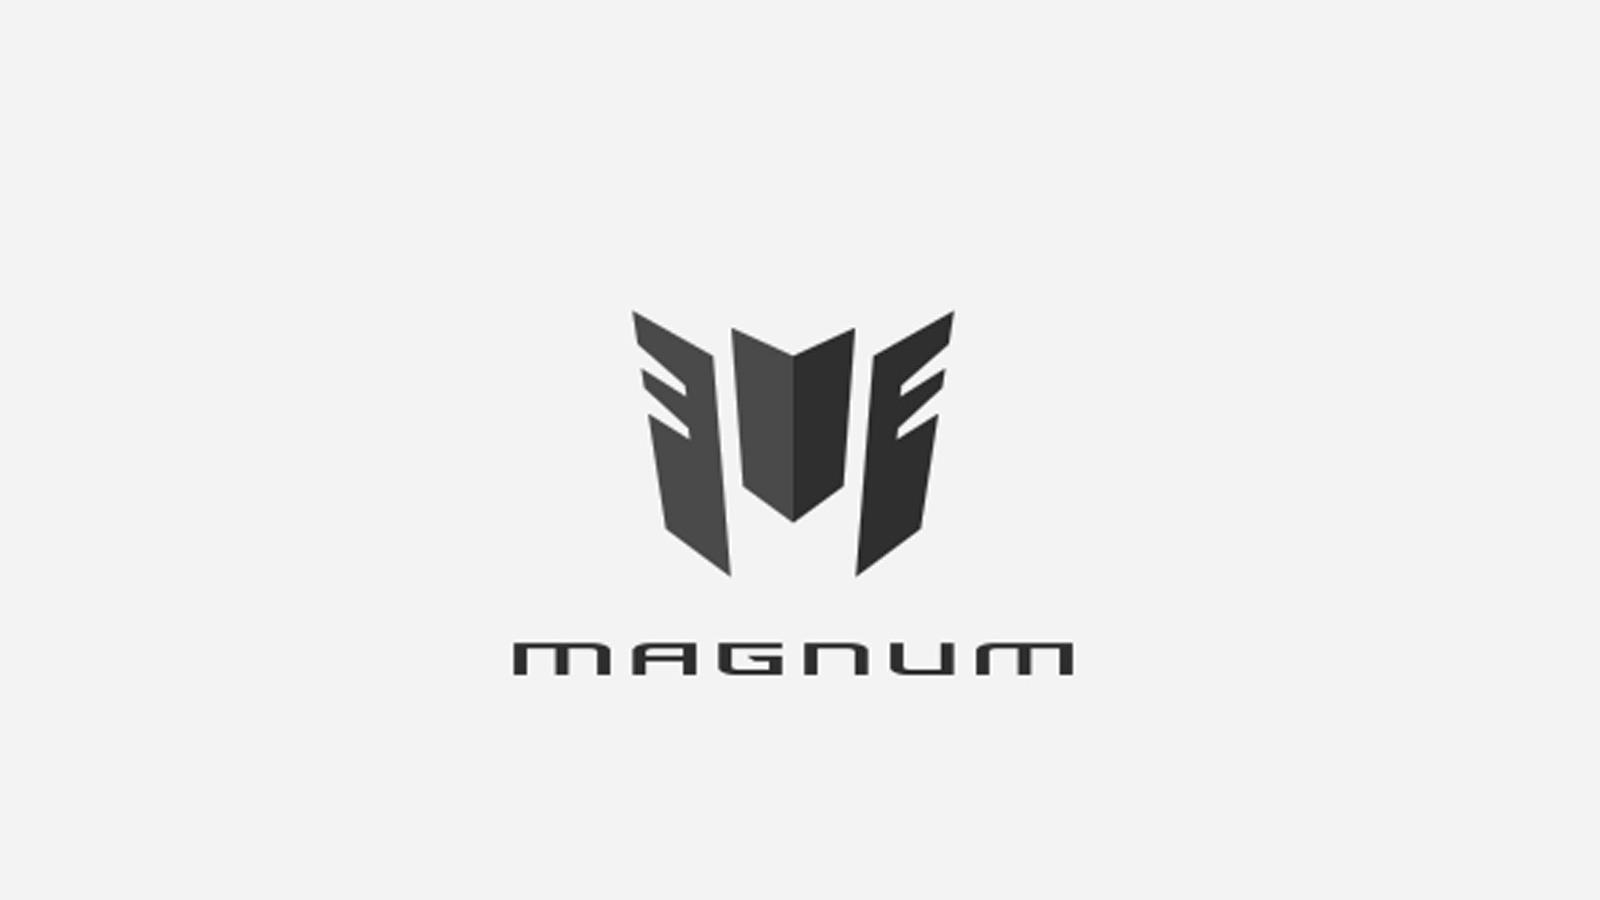 Magnum Cars logo